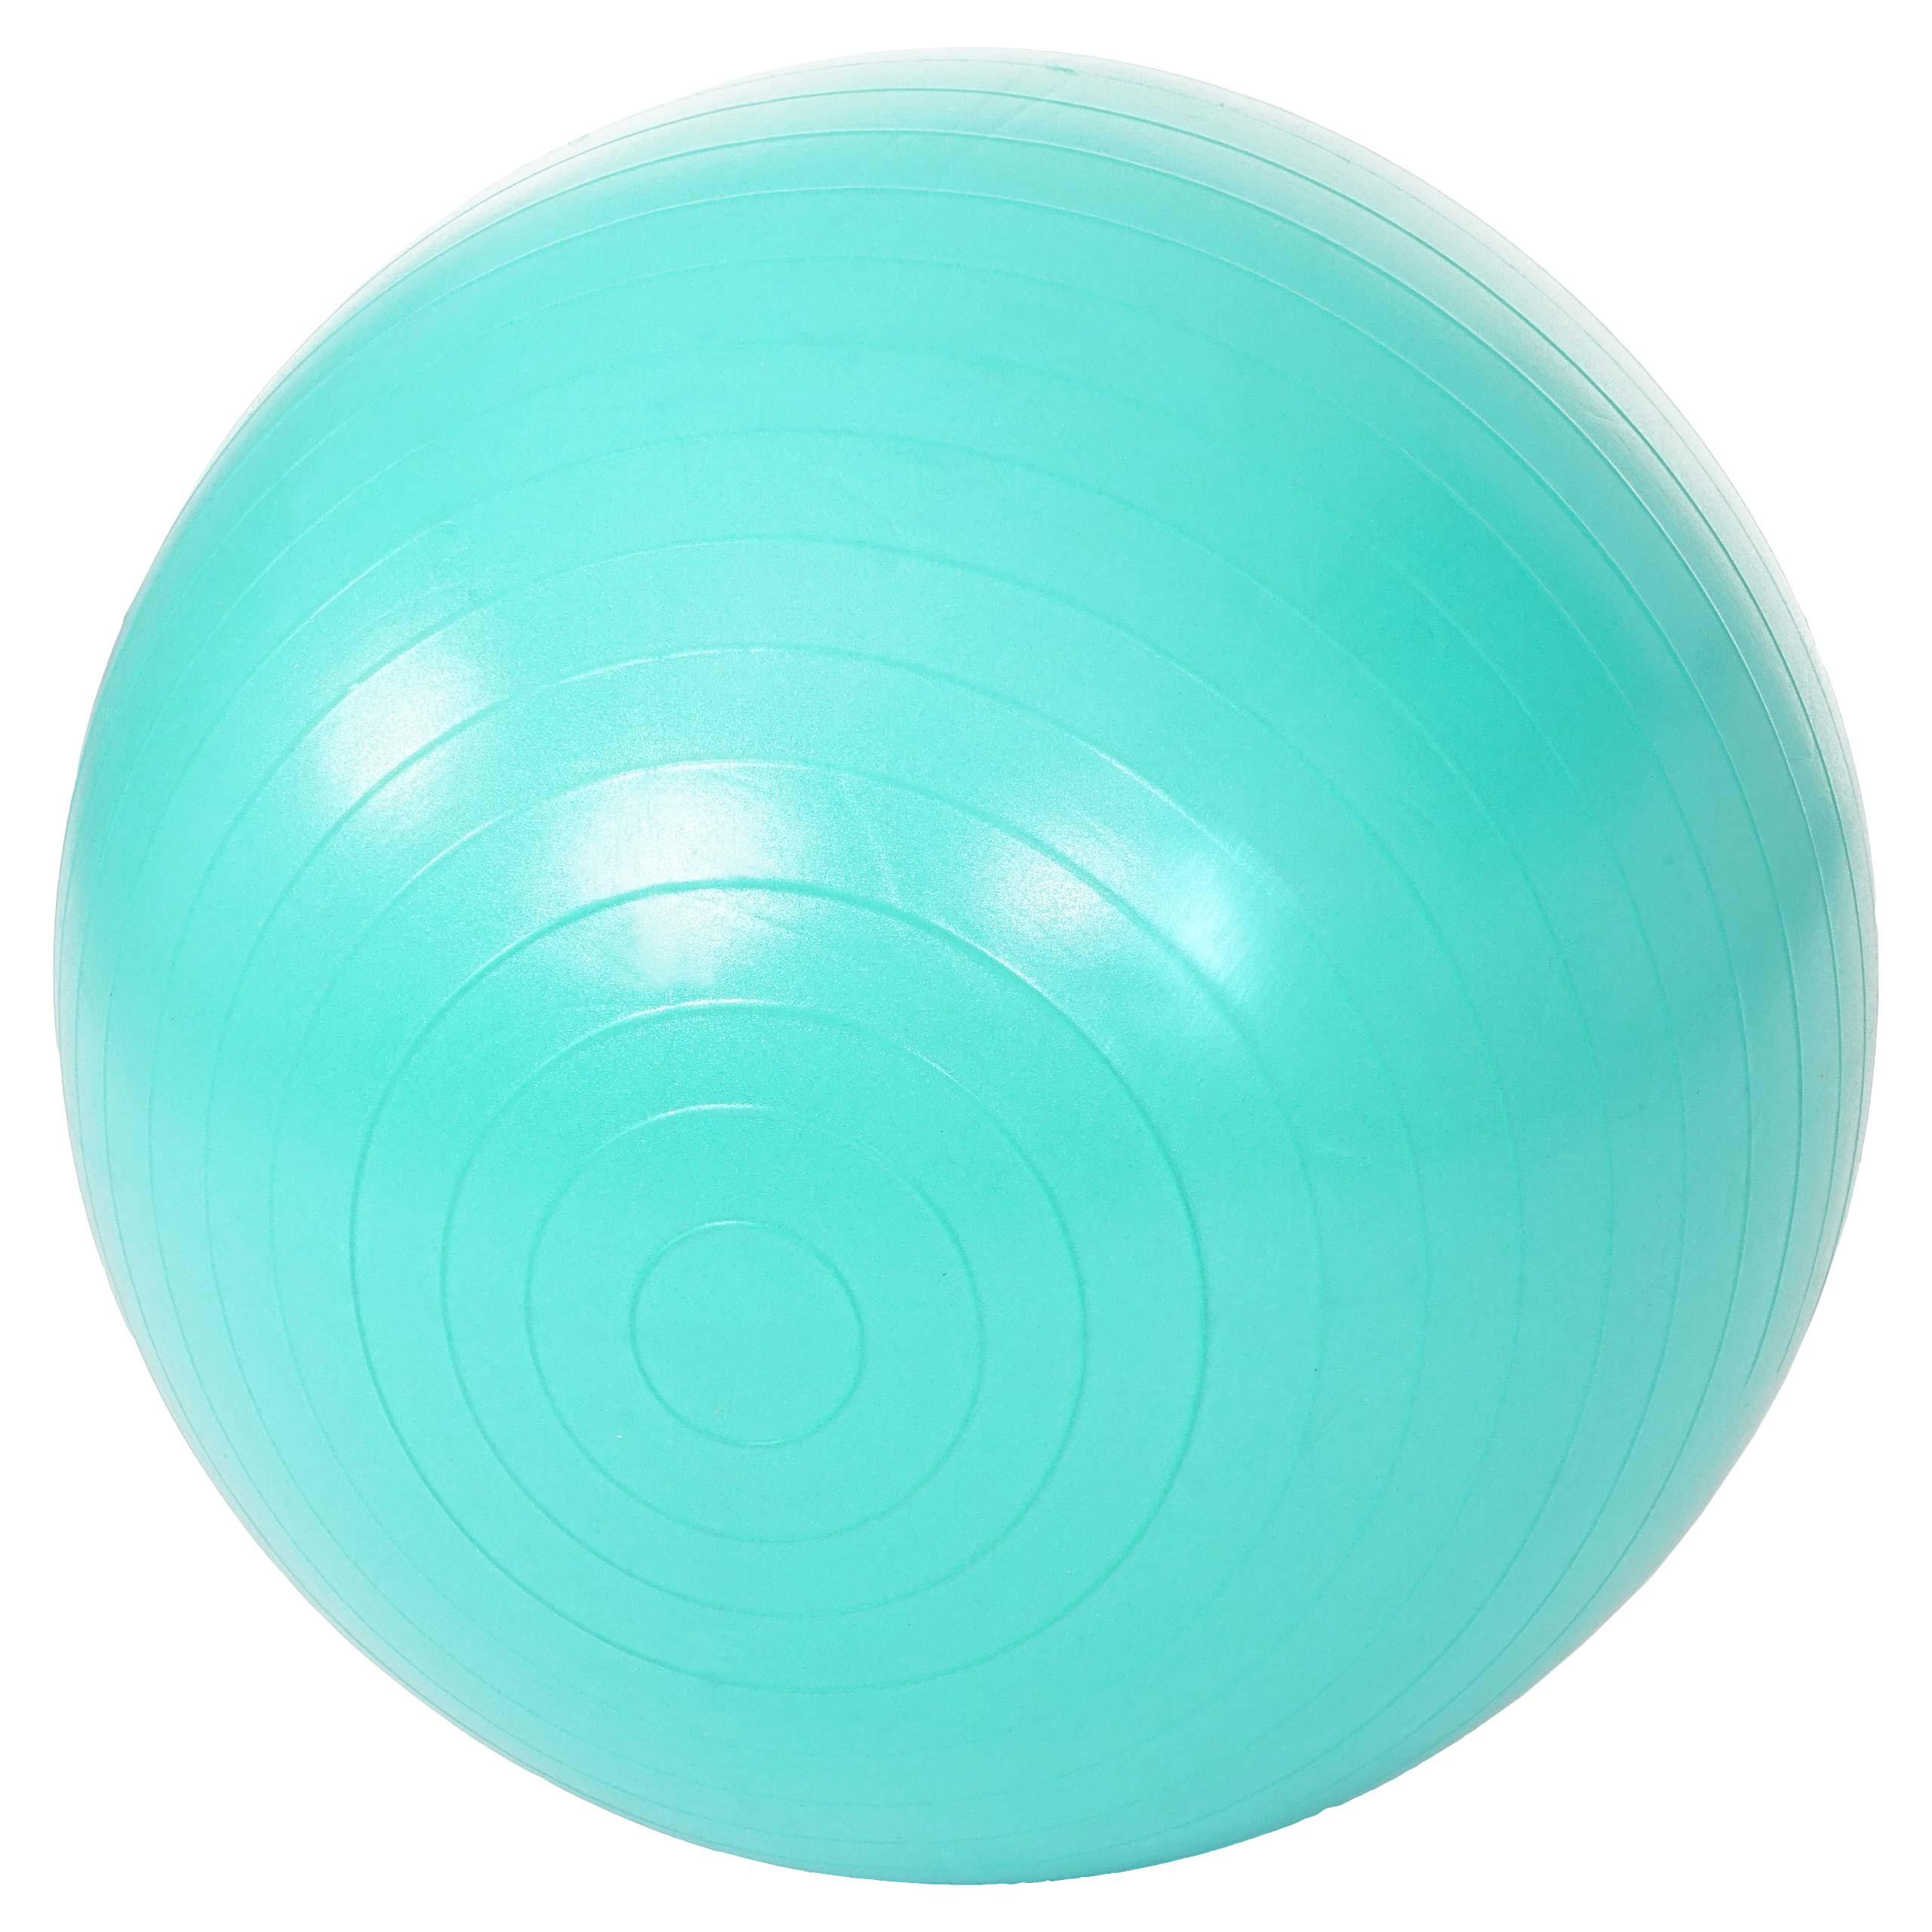 Sitzball Yogaball Fitnessball Ø65cm türkis Gymnastikball Motala